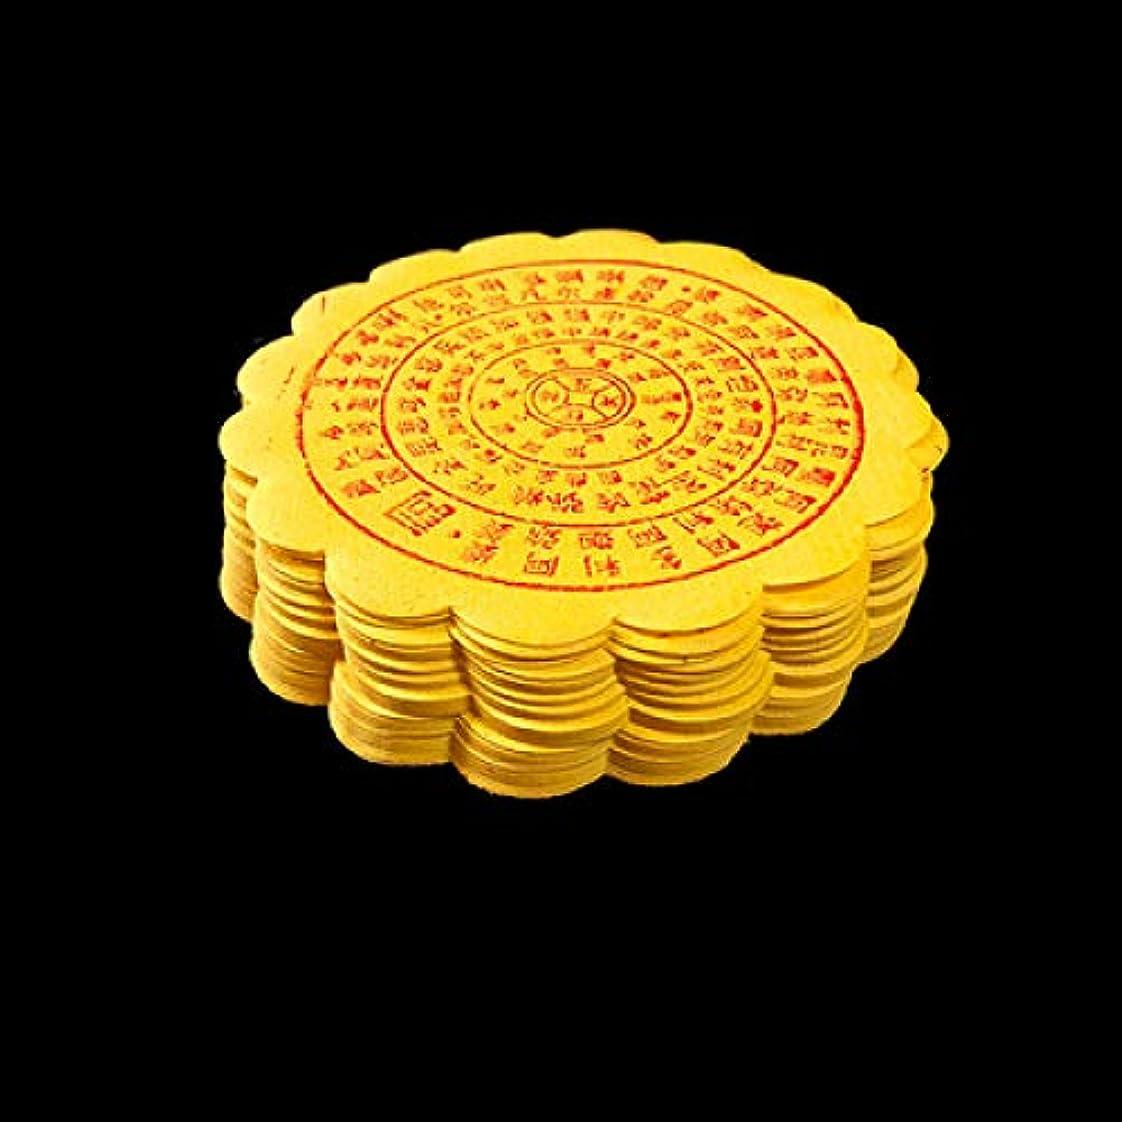 研磨アーティキュレーション幸福中国偽地獄紙幣/お金中国香り紙天国地獄銀行売られ過ぎ人D12cm(200ピース)